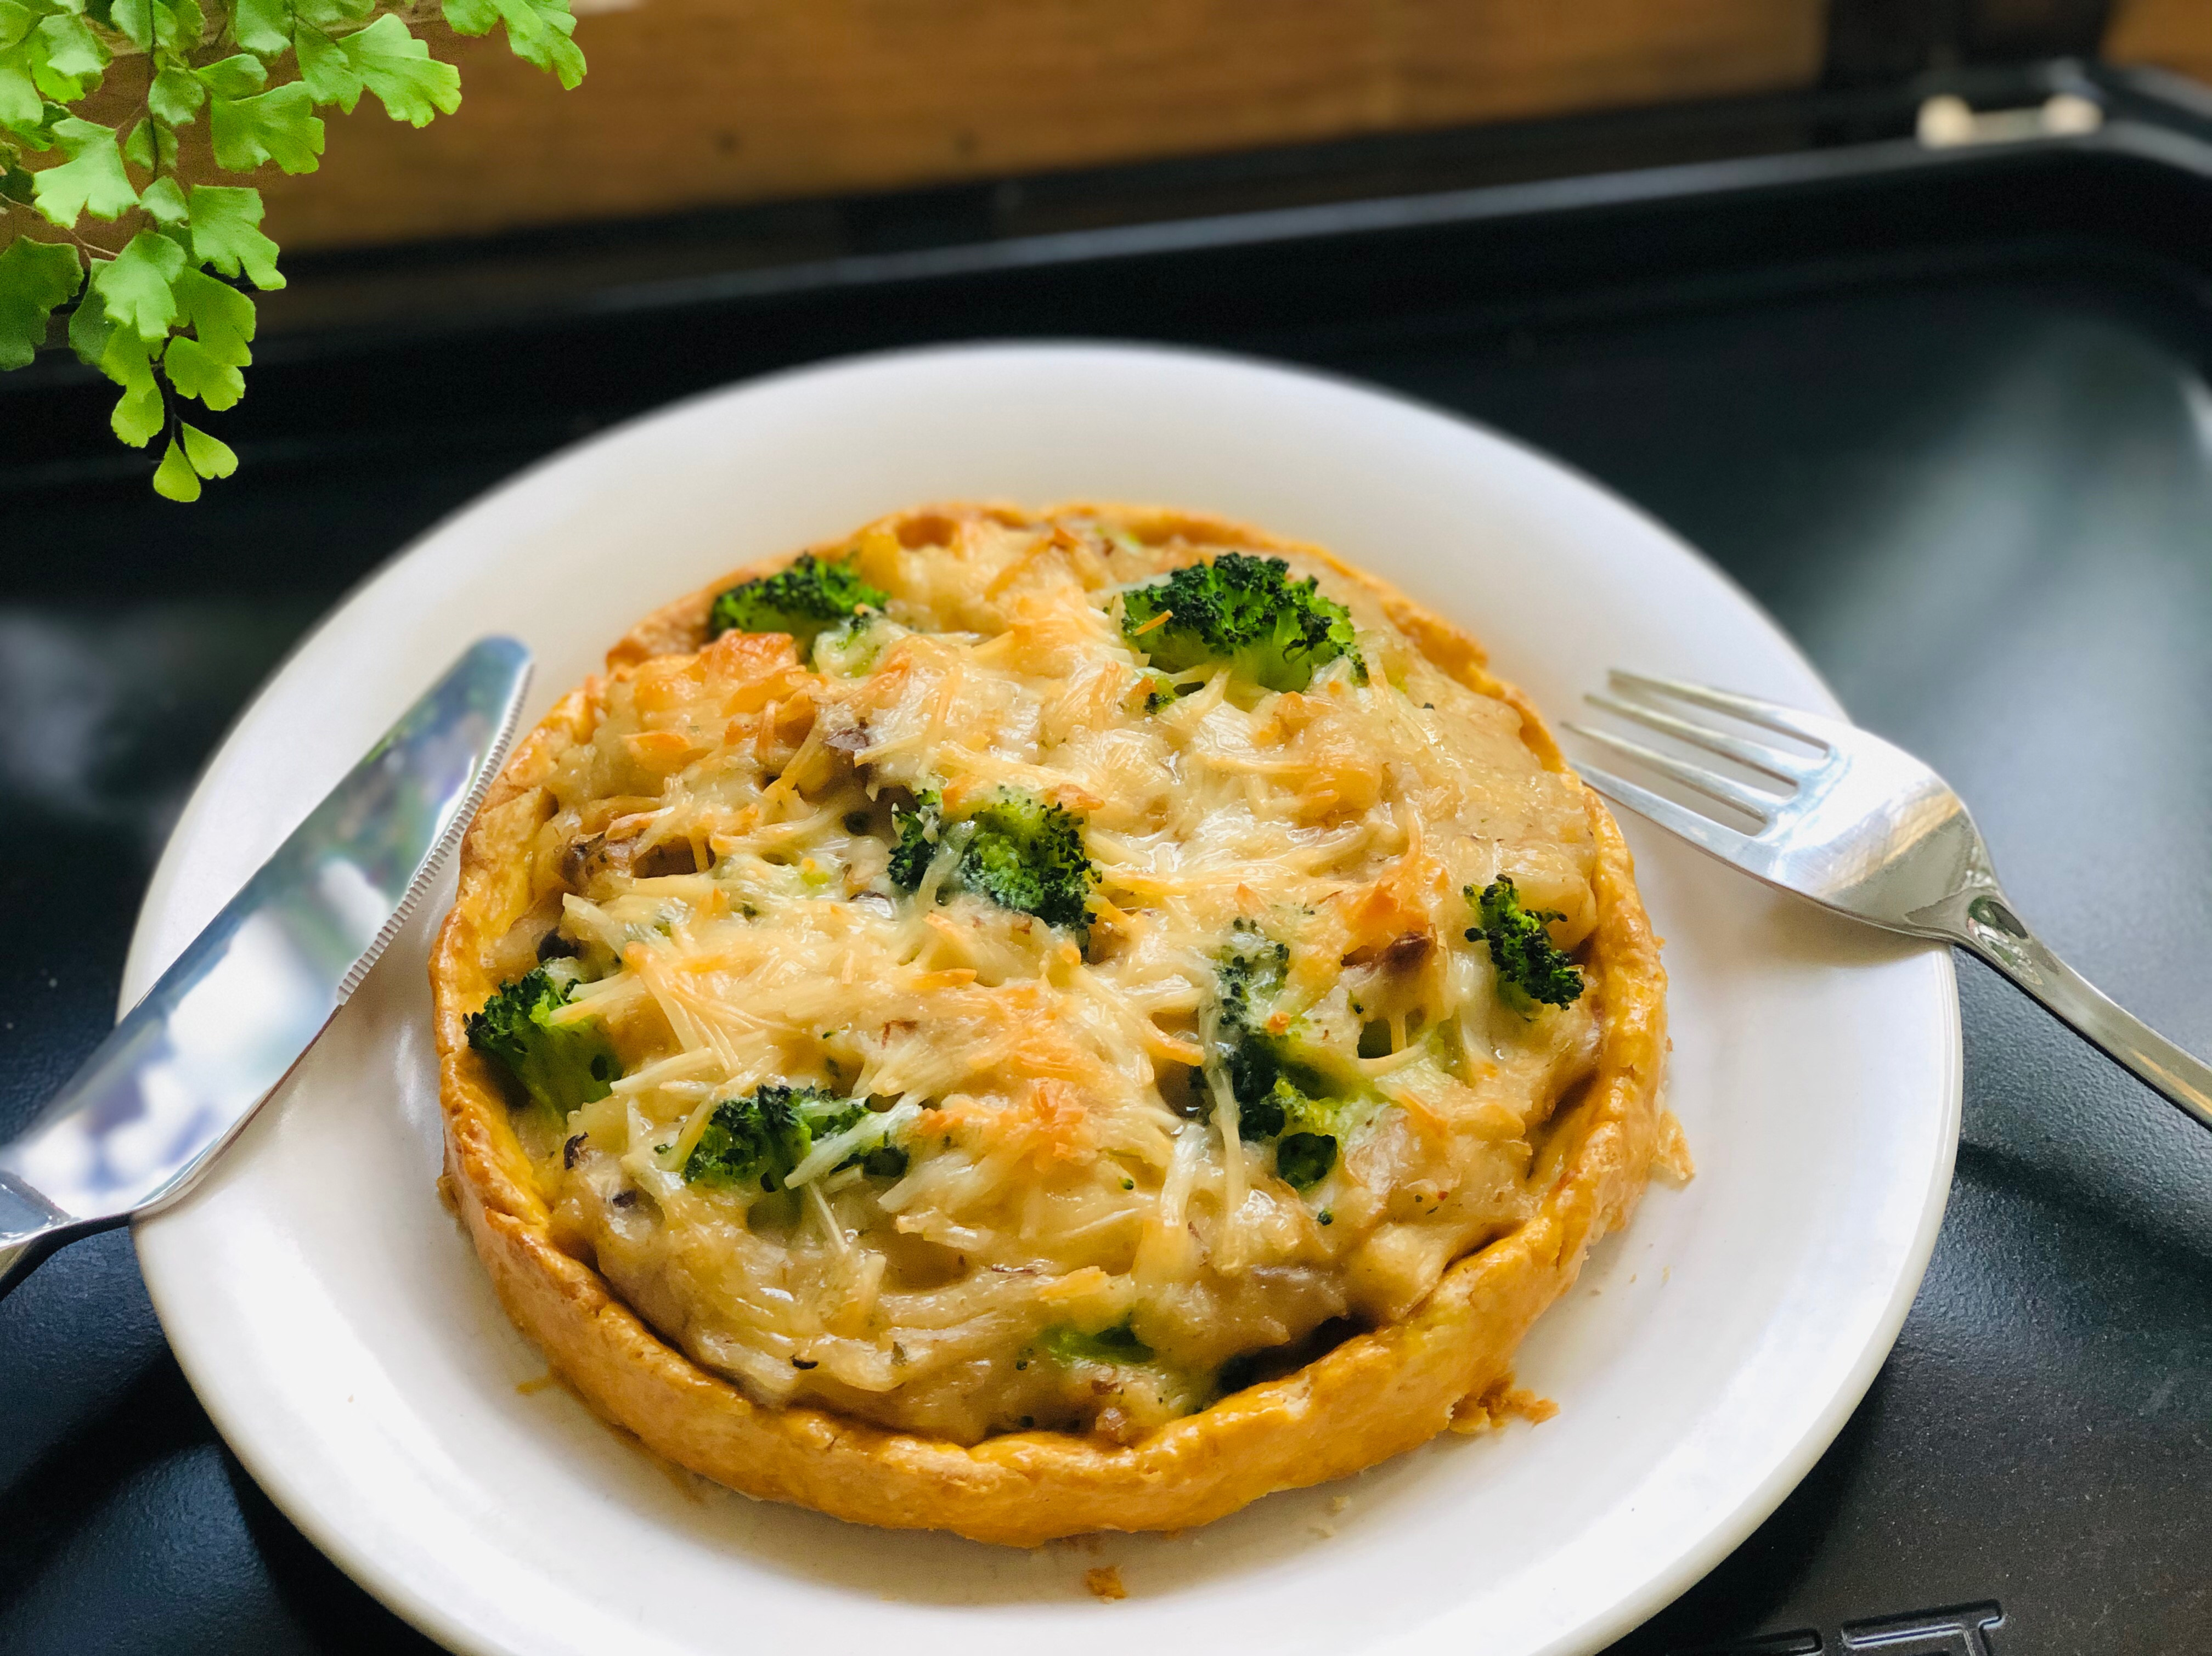 白醬雞肉蕈菇花椰鹹派/橄欖油清爽派皮